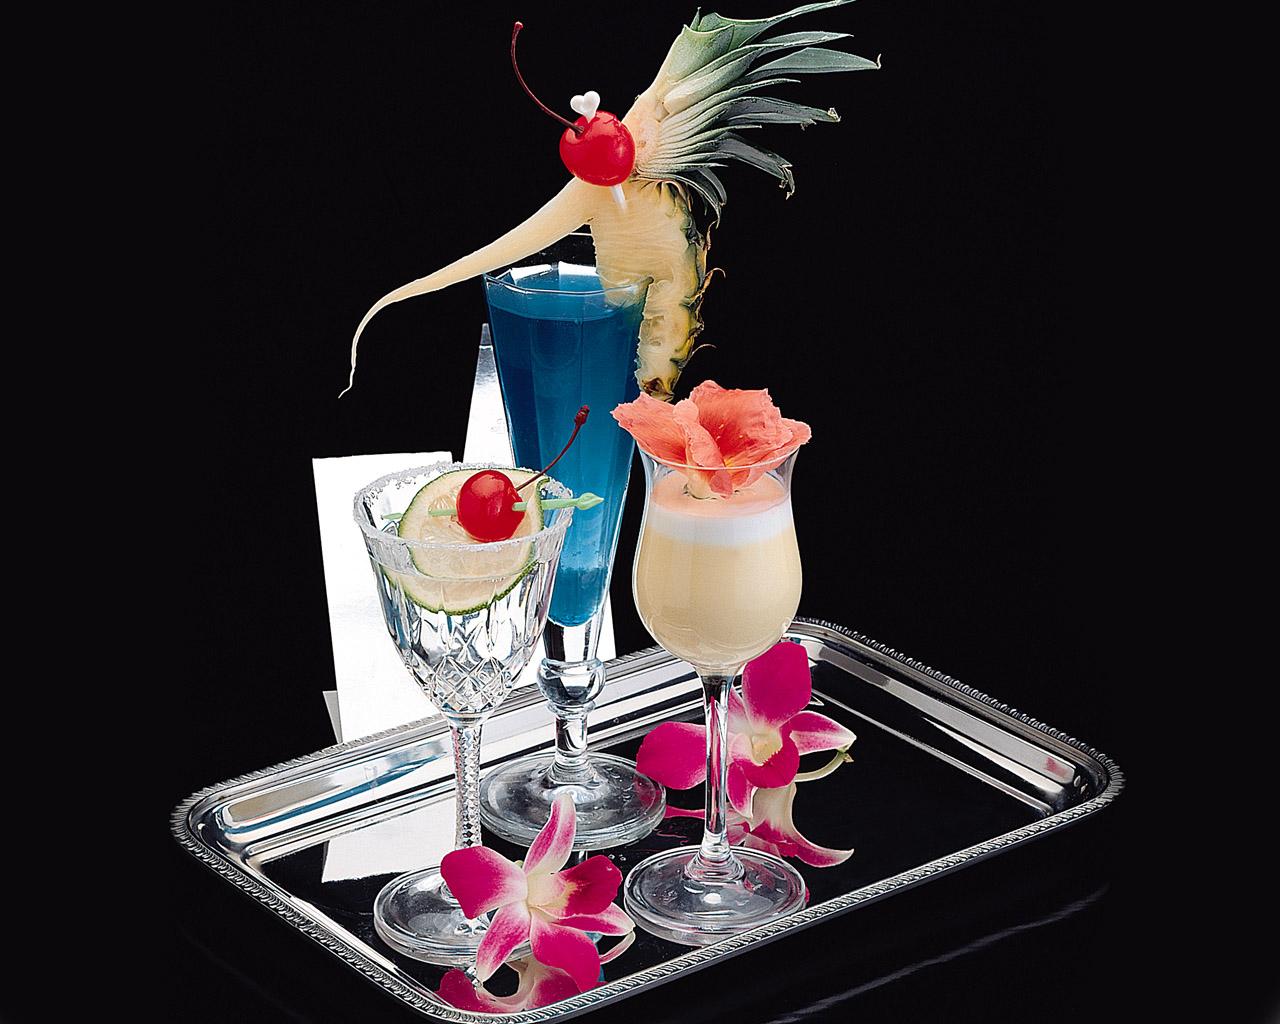 『甜饮桌面专辑』